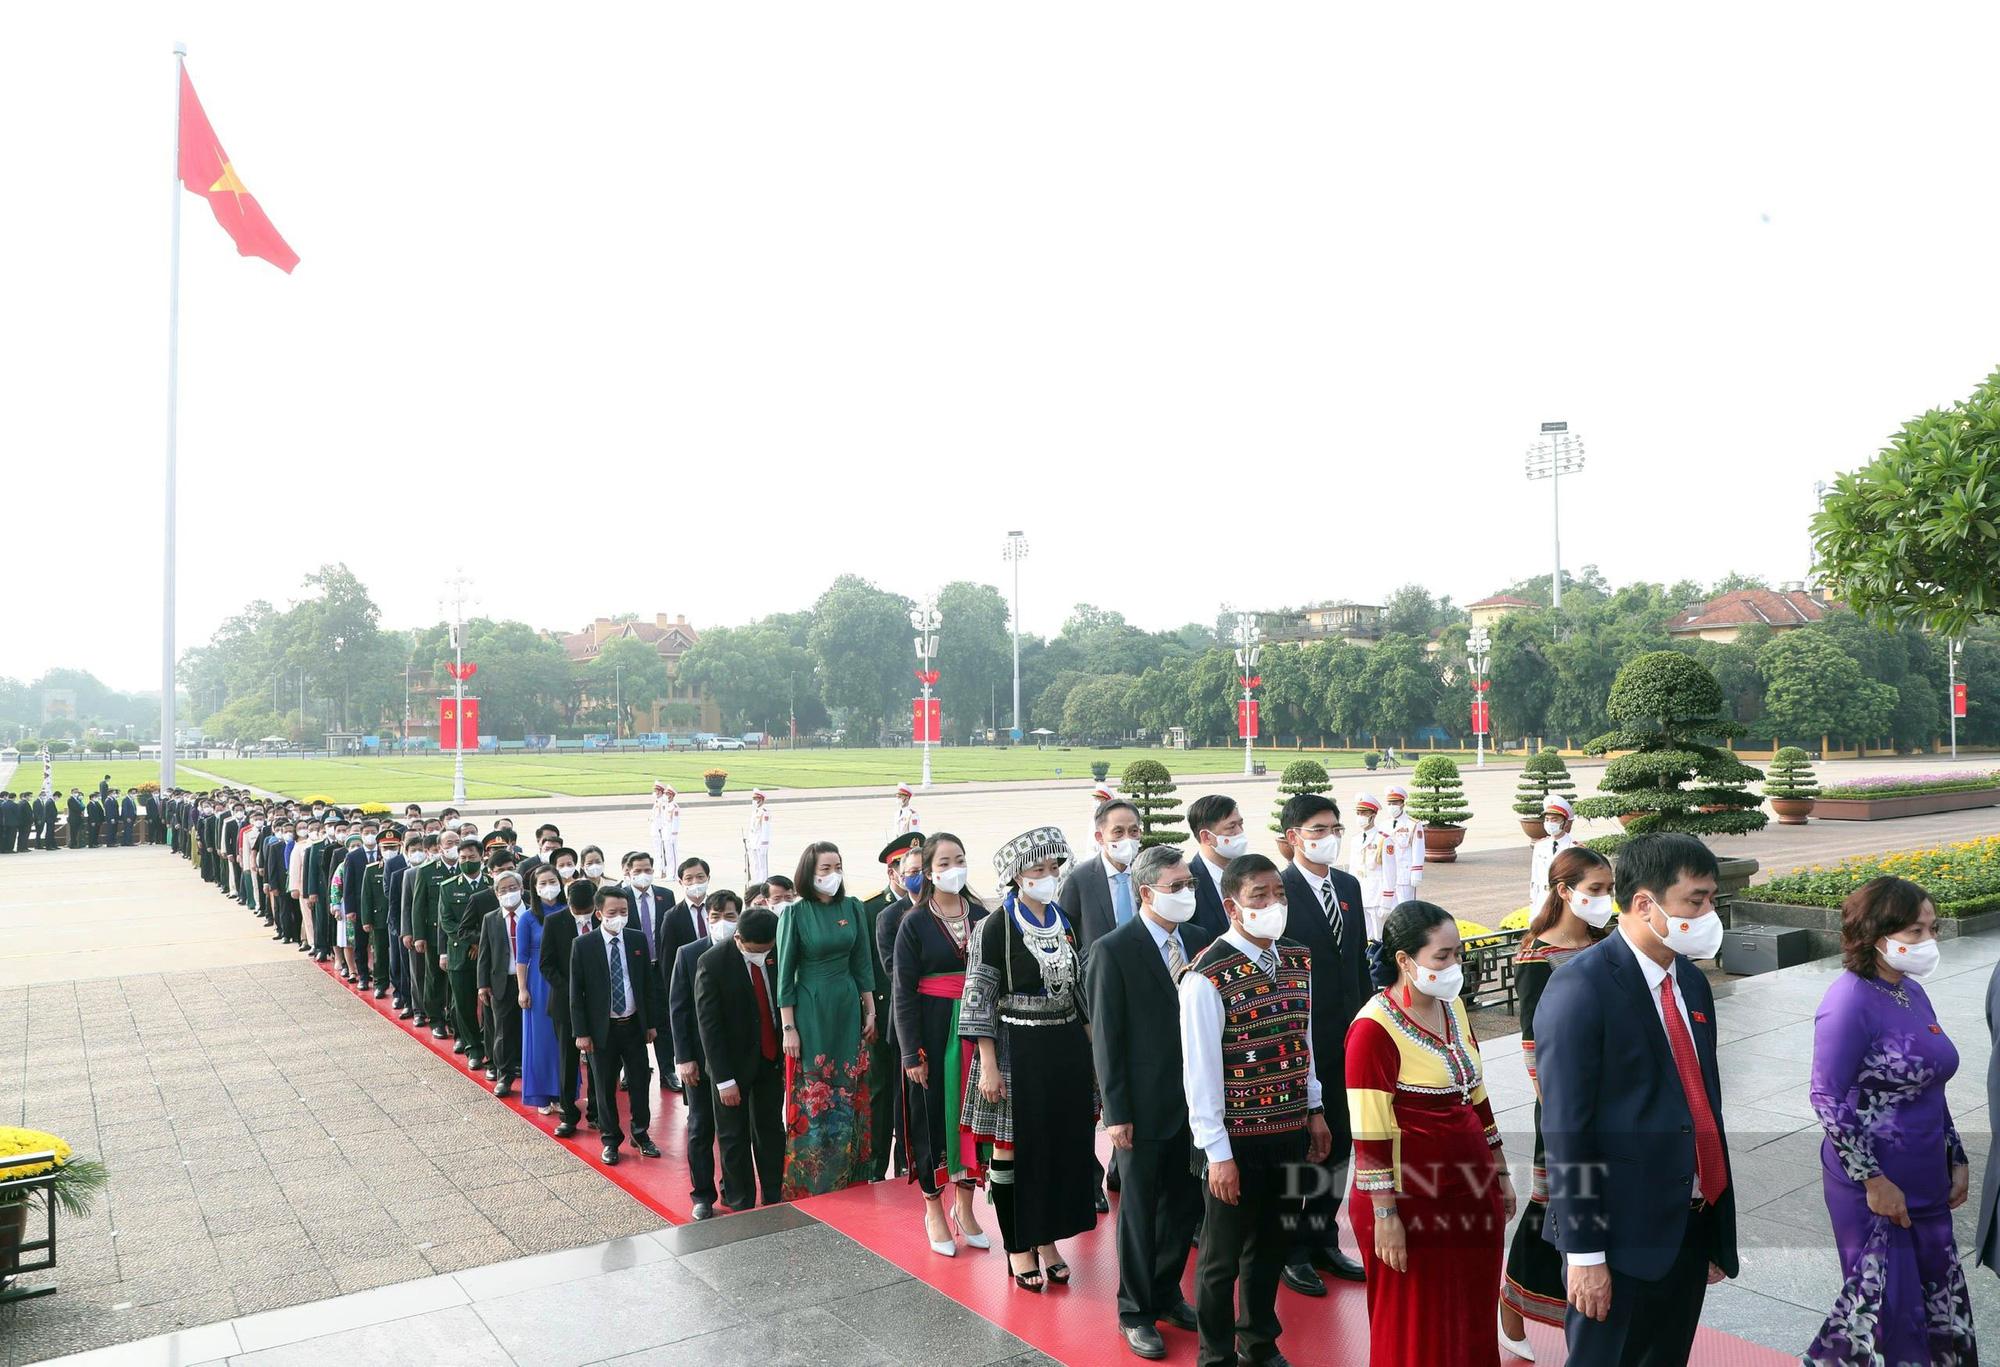 Lãnh đạo Đảng, Nhà nước và đại biểu Quốc hội khóa XV vào Lăng viếng Bác - Ảnh 4.